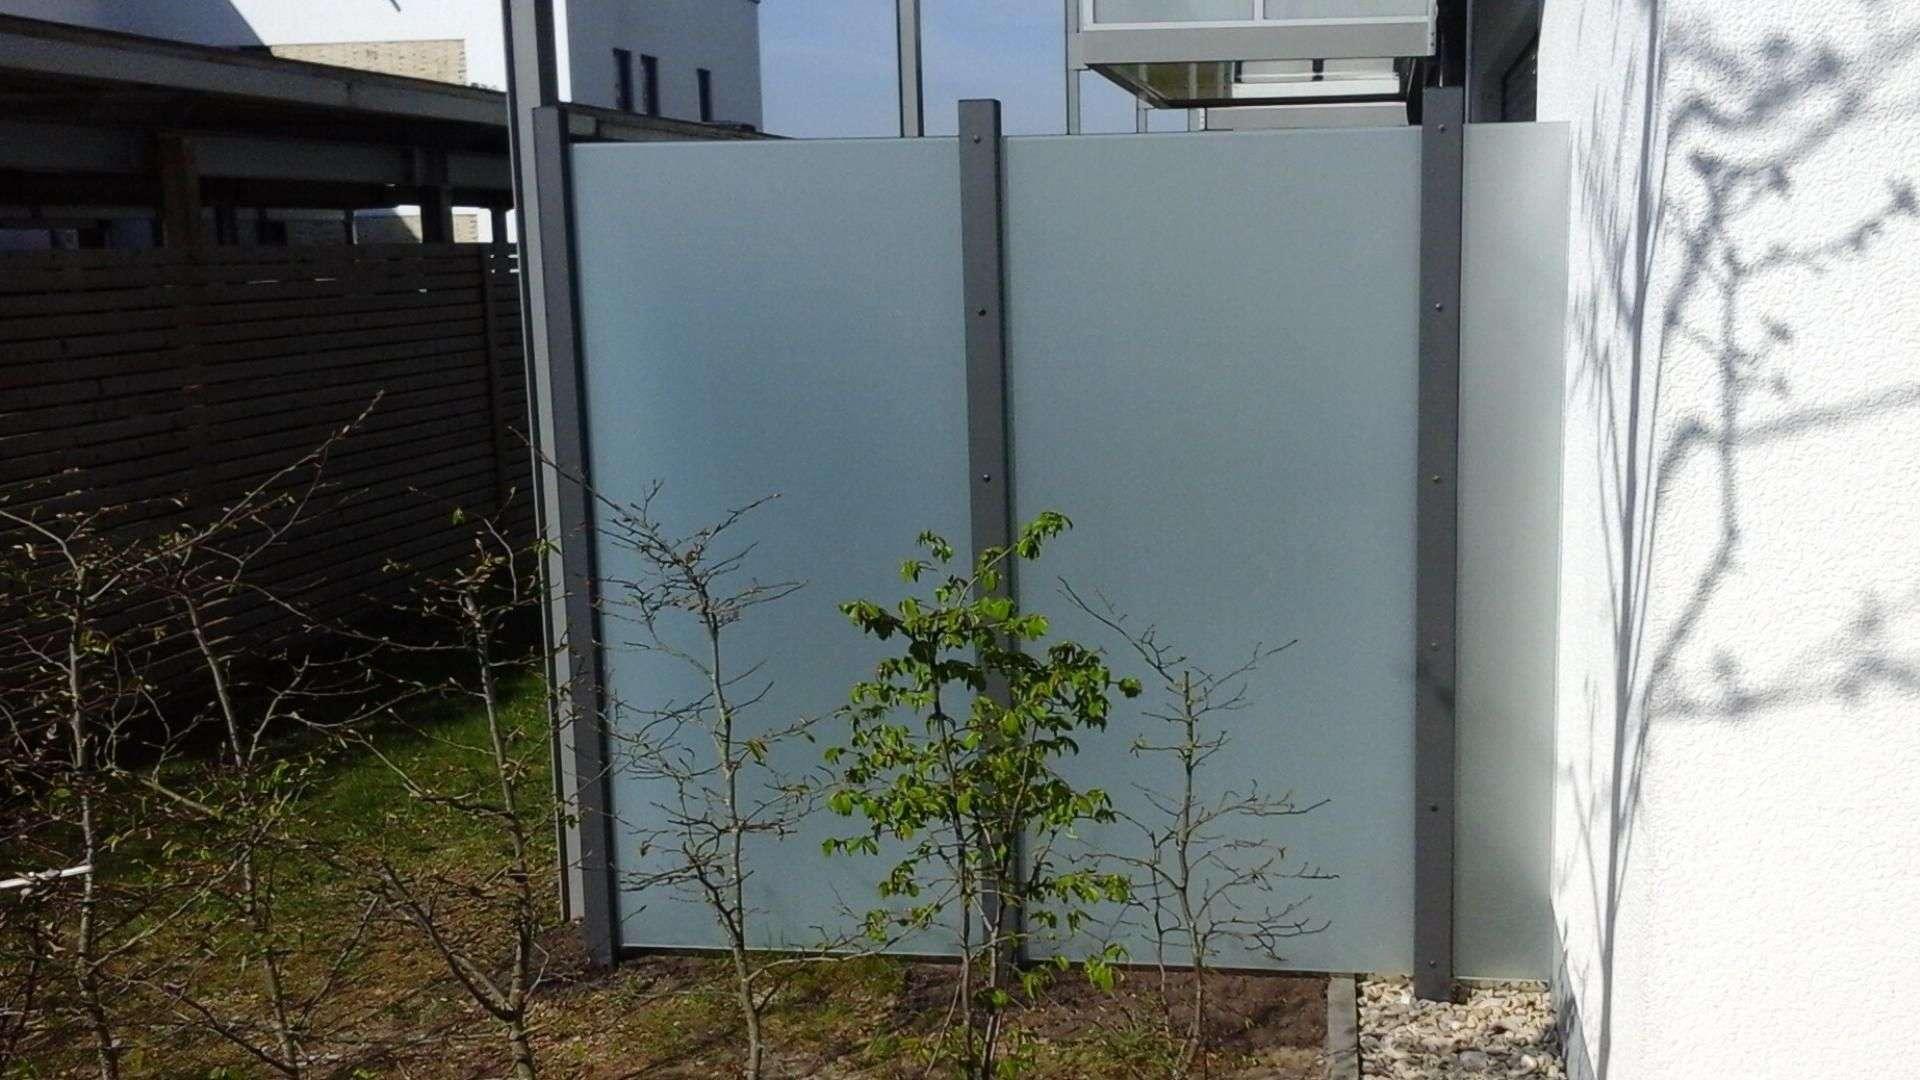 Windschutz-Elemente aus Glas neben einer Terrasse